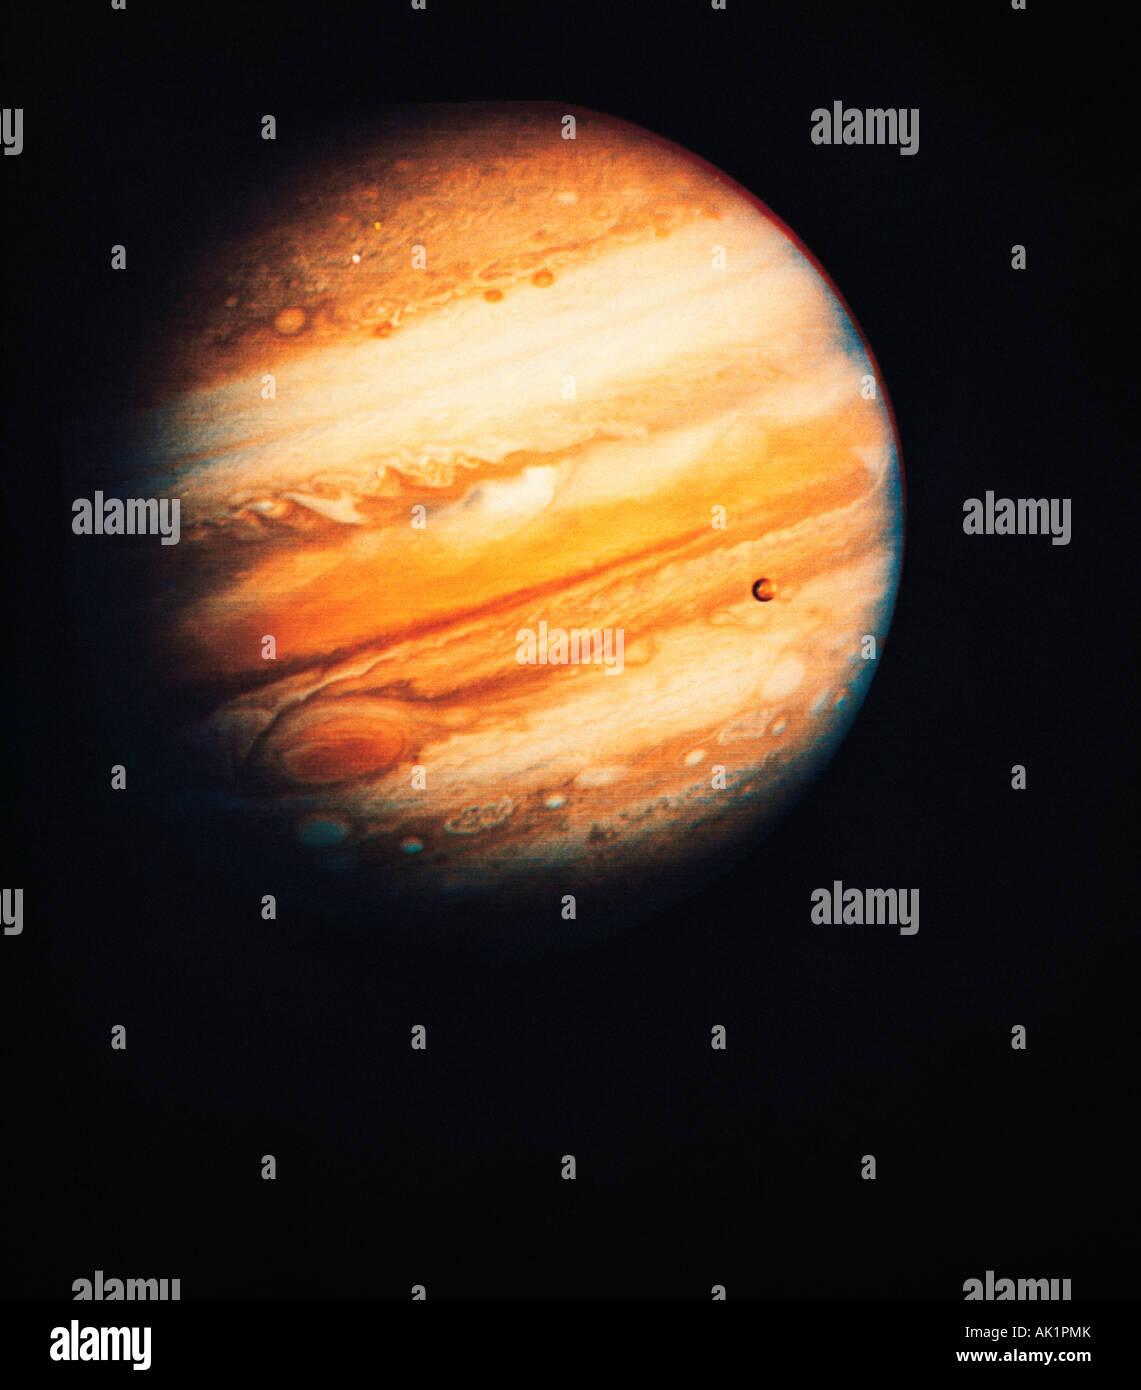 Planet Jupiter. NASA Voyager 1 photo. - Stock Image